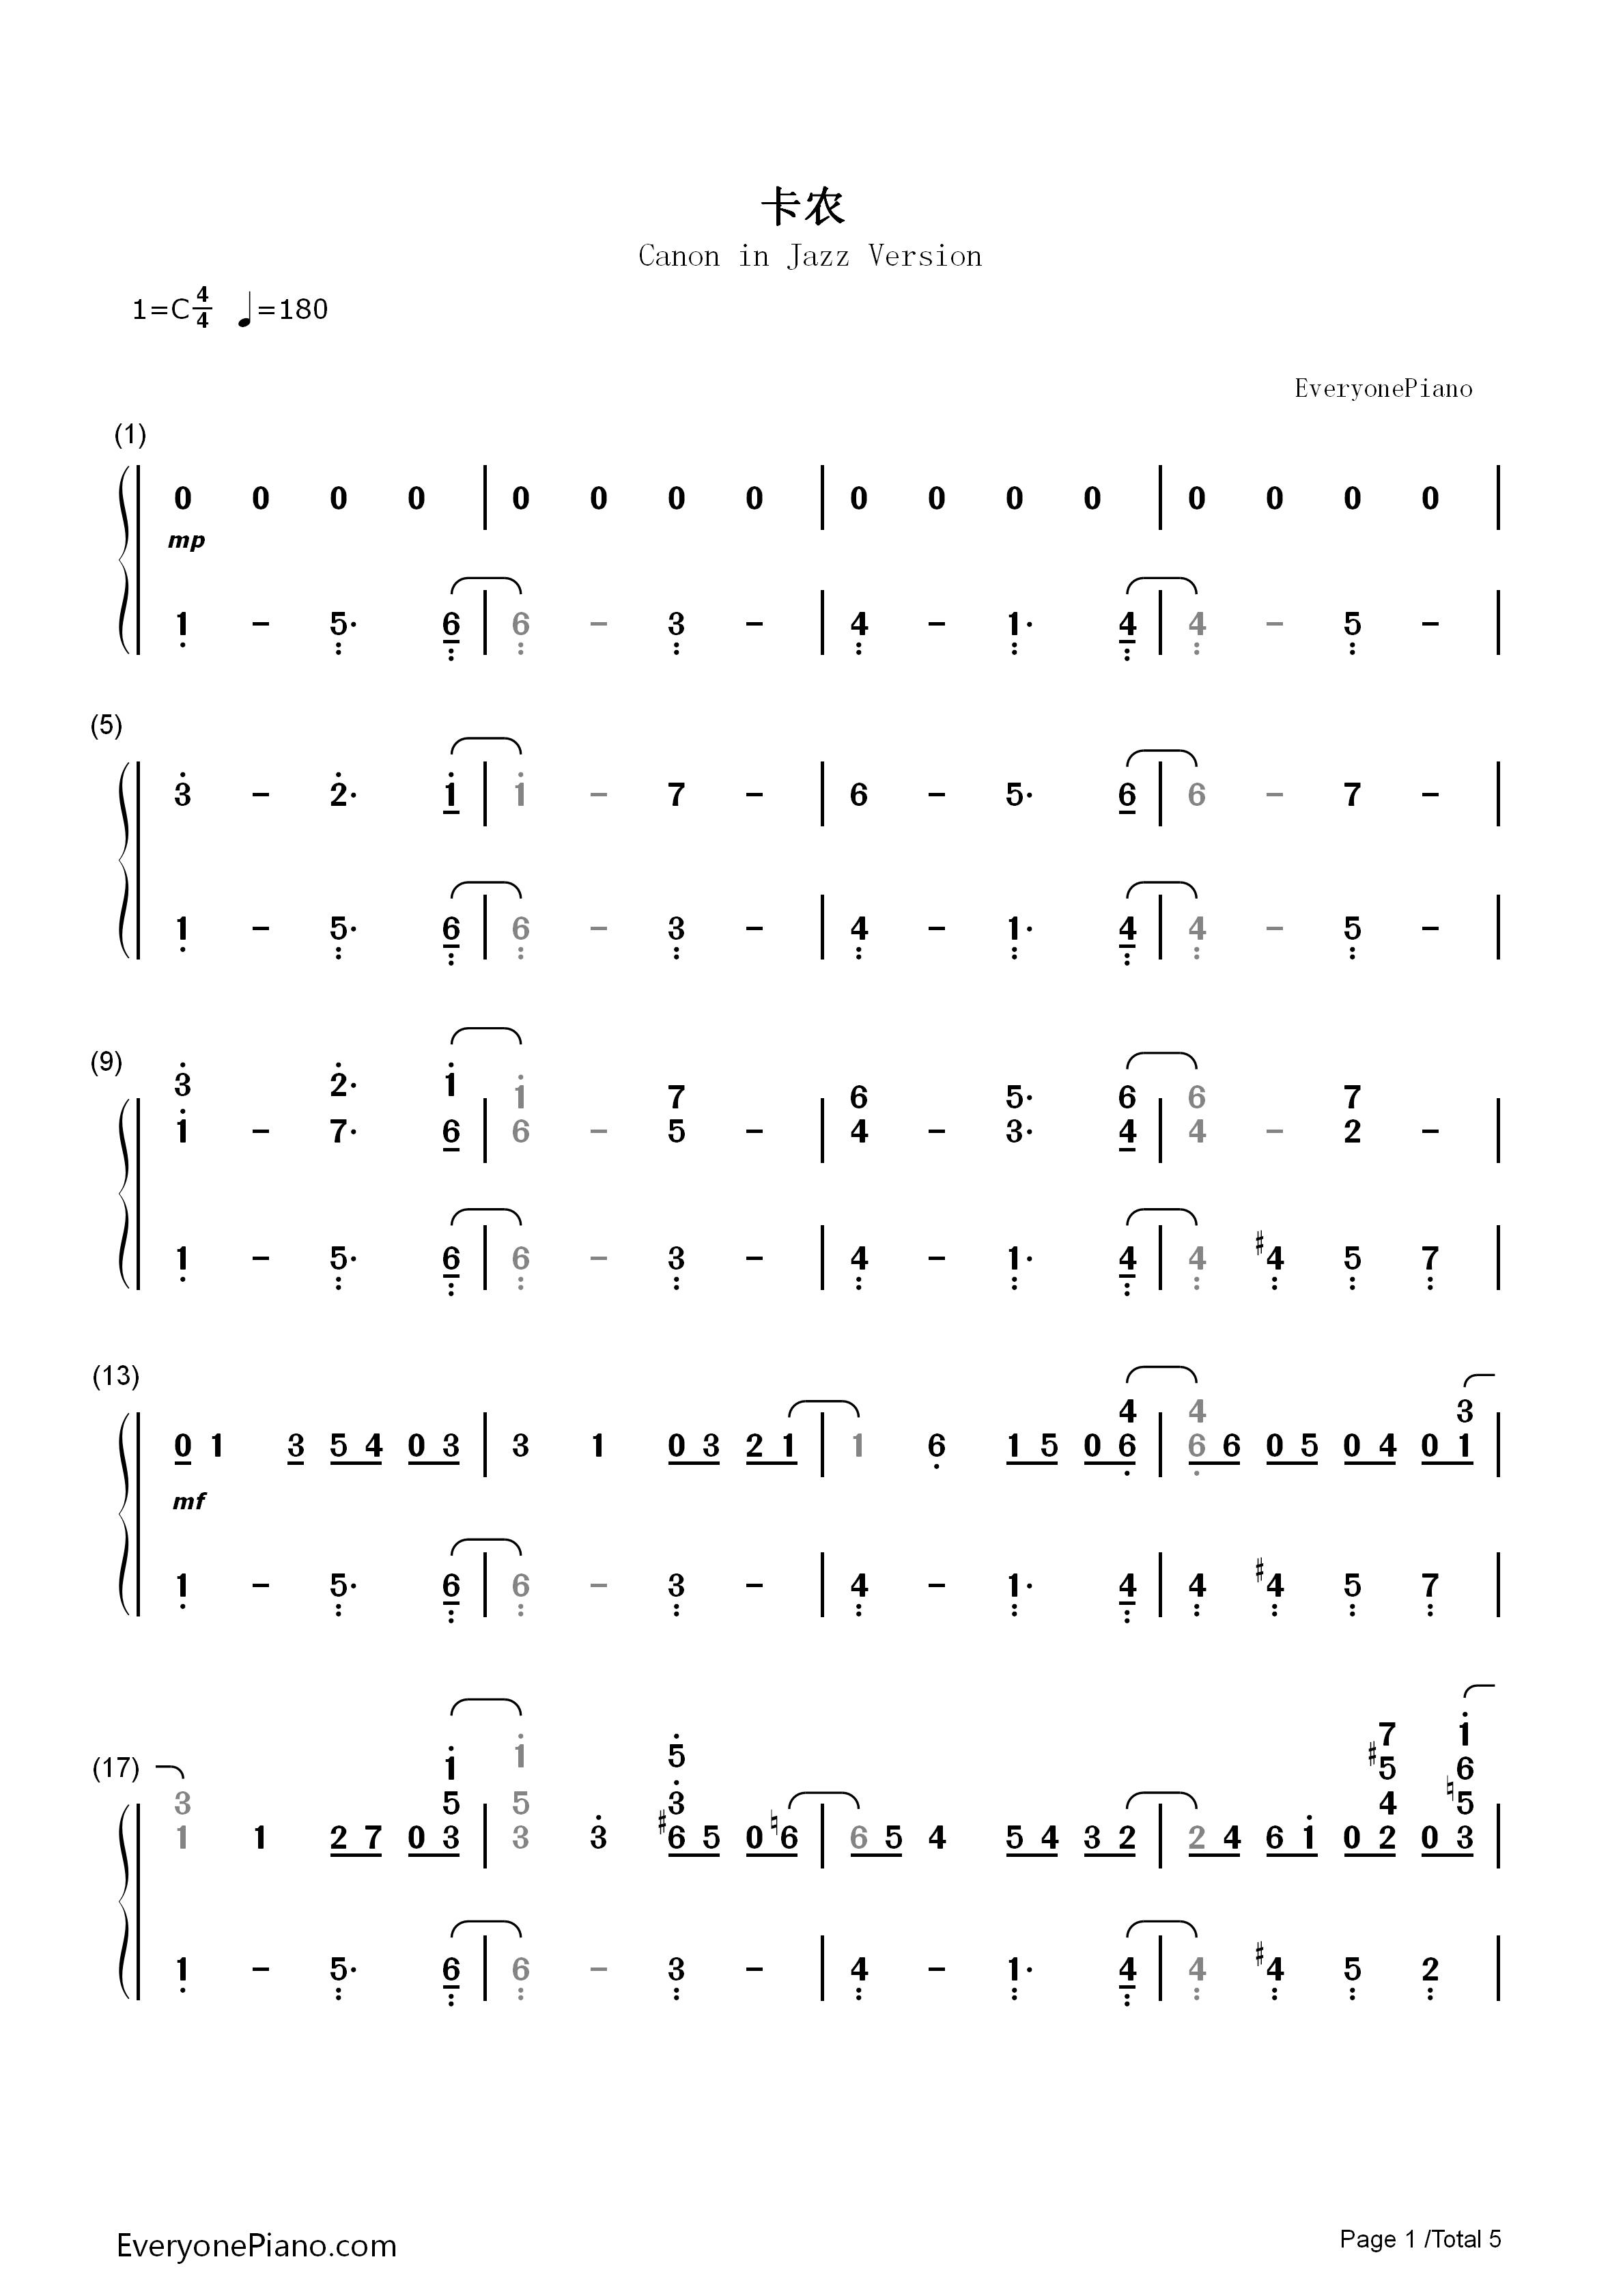 卡农-爵士版-eop教学曲双手简谱预览1-钢琴谱